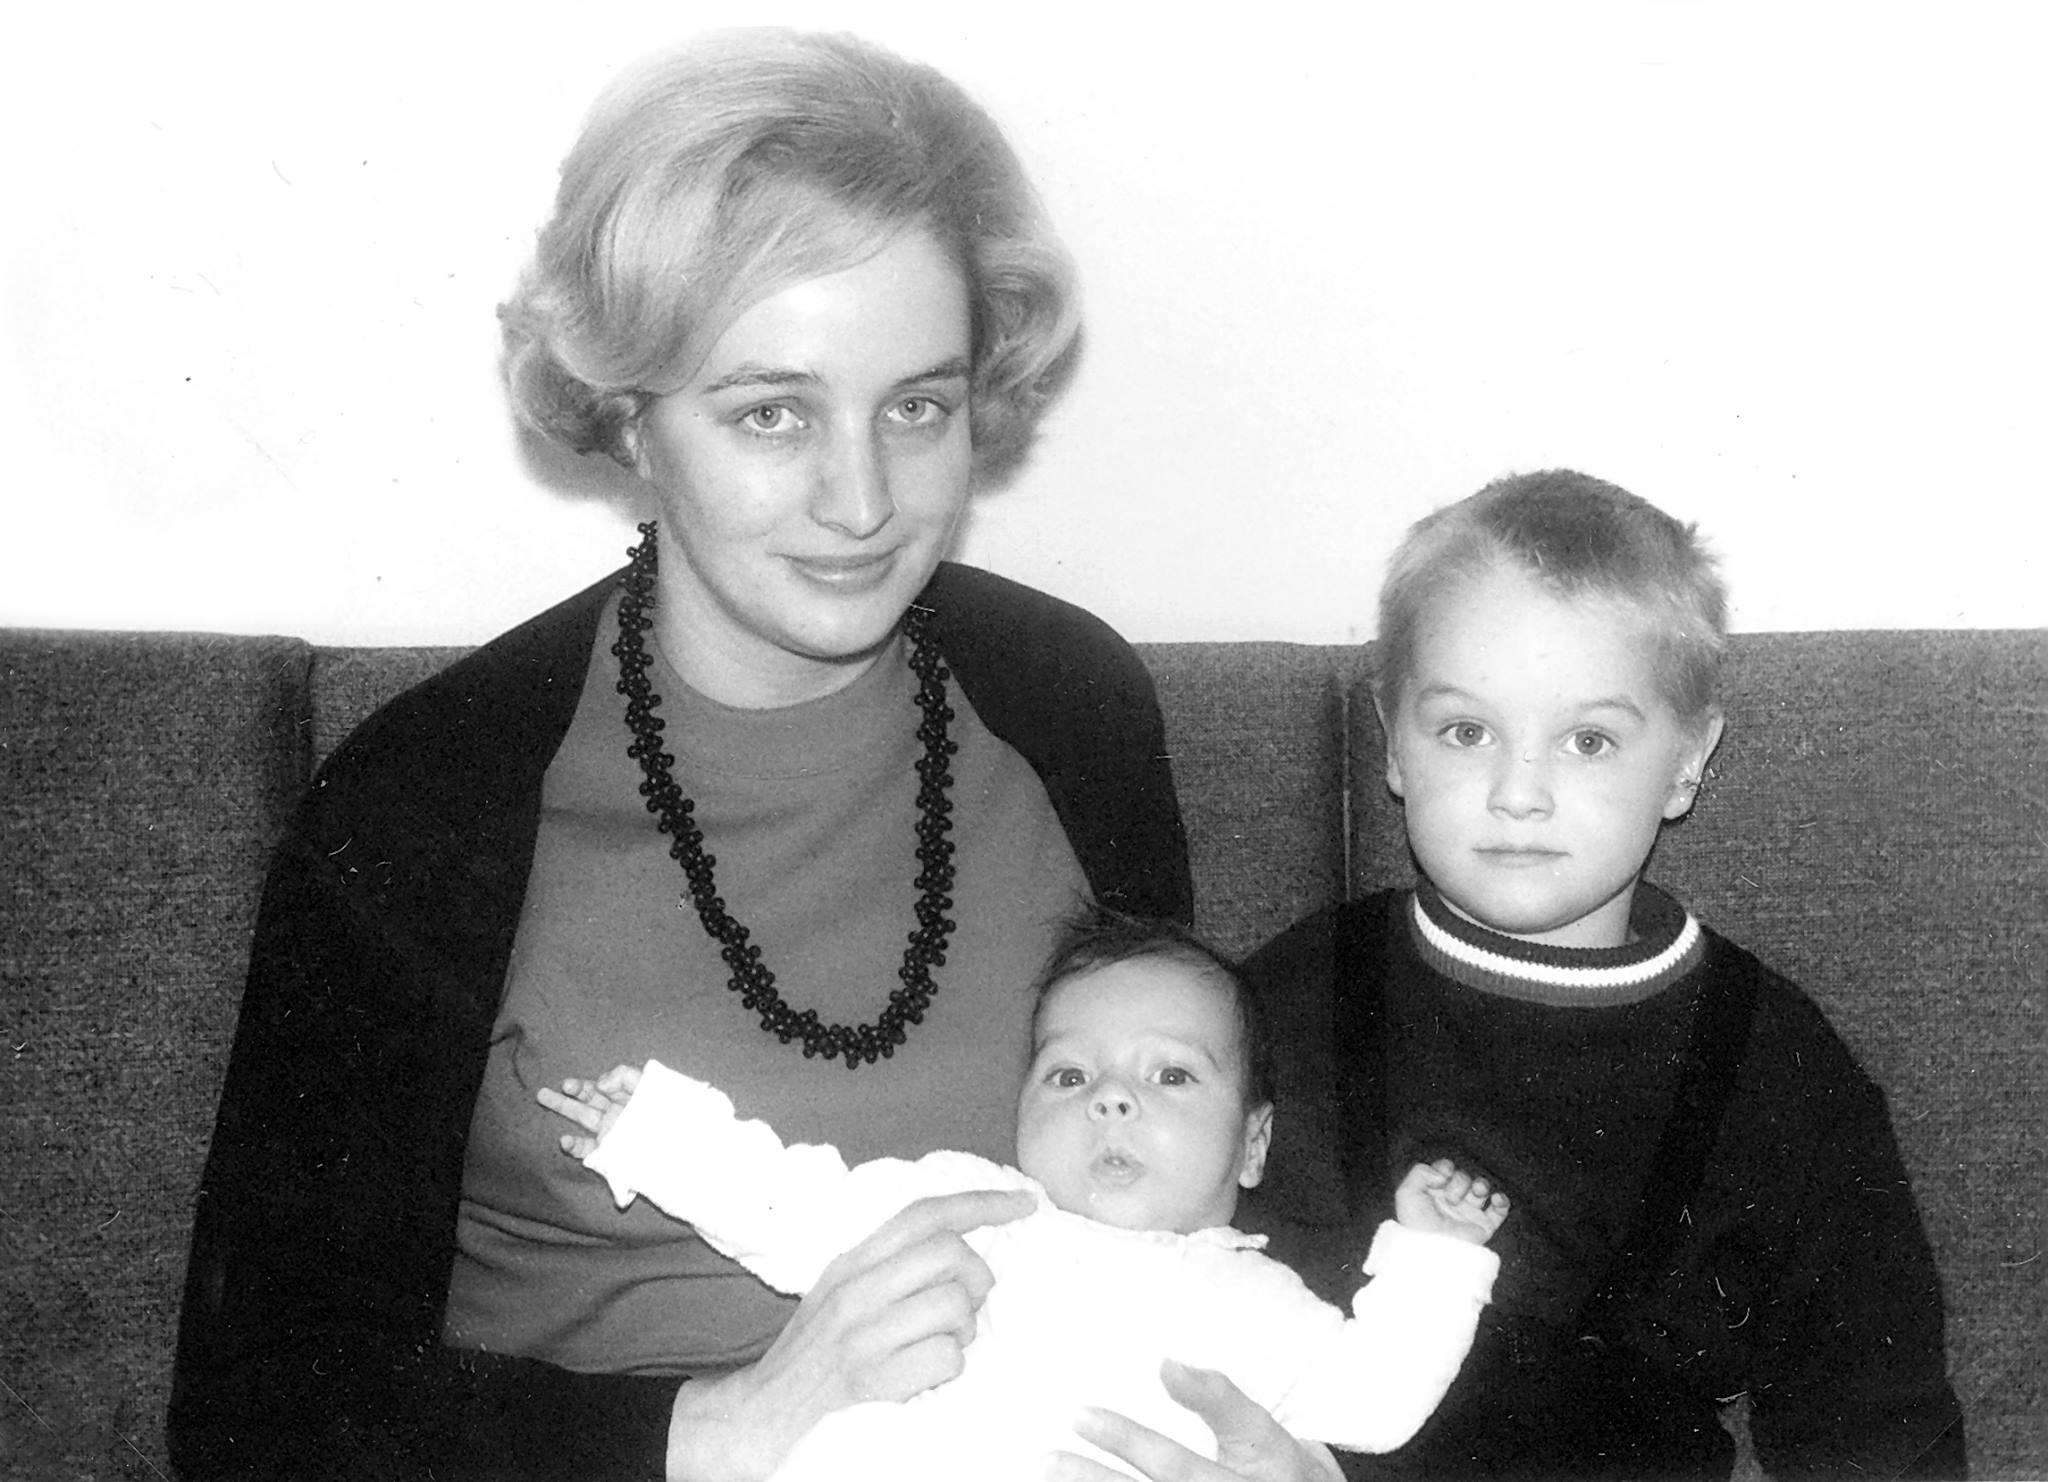 Mit Mama und frisch geschlüpftem Bruder!